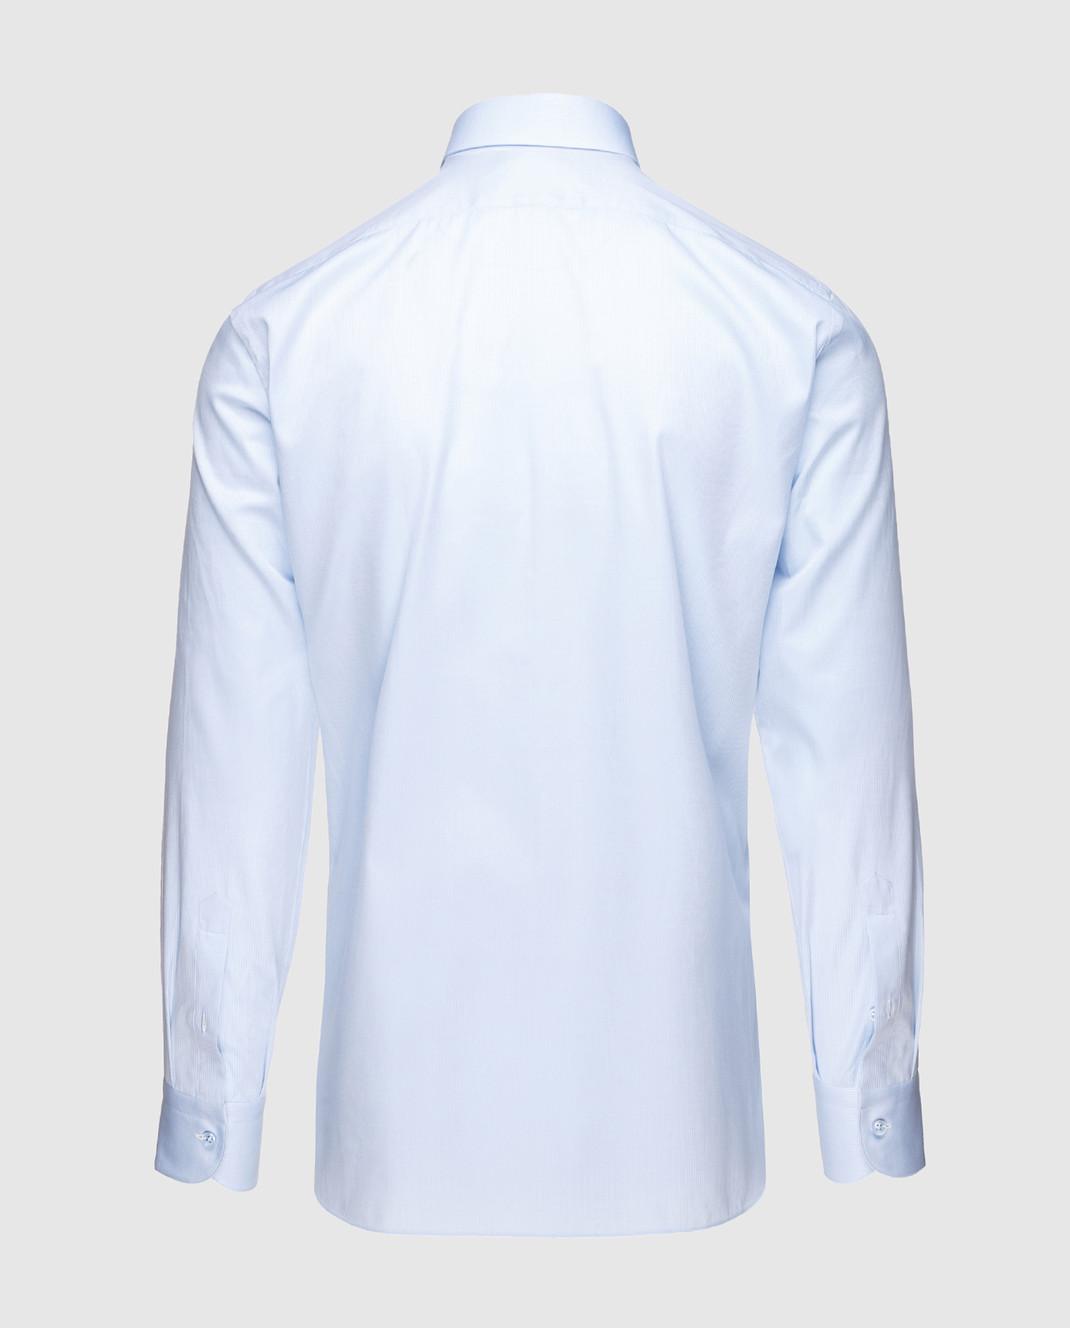 Marol Голубая рубашка 9723 изображение 2